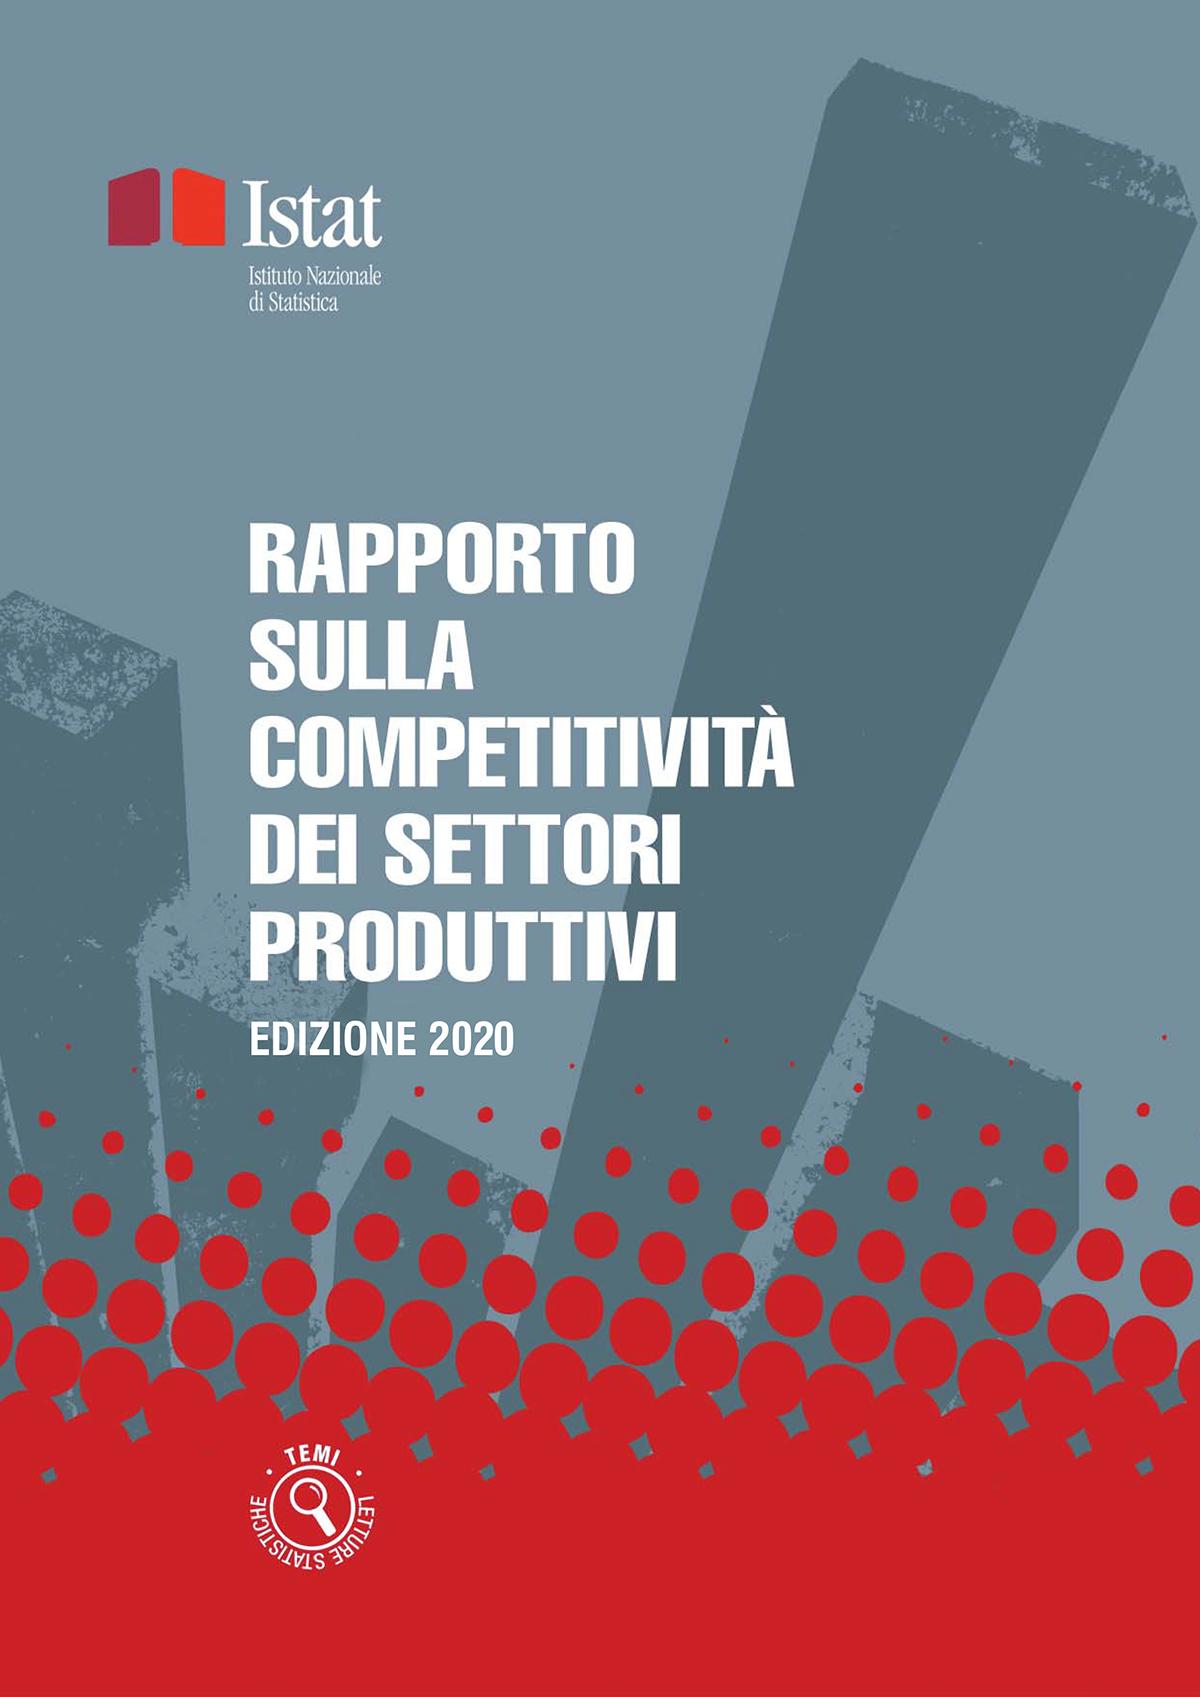 Rapporto ISTAT - competitività settori produttivi